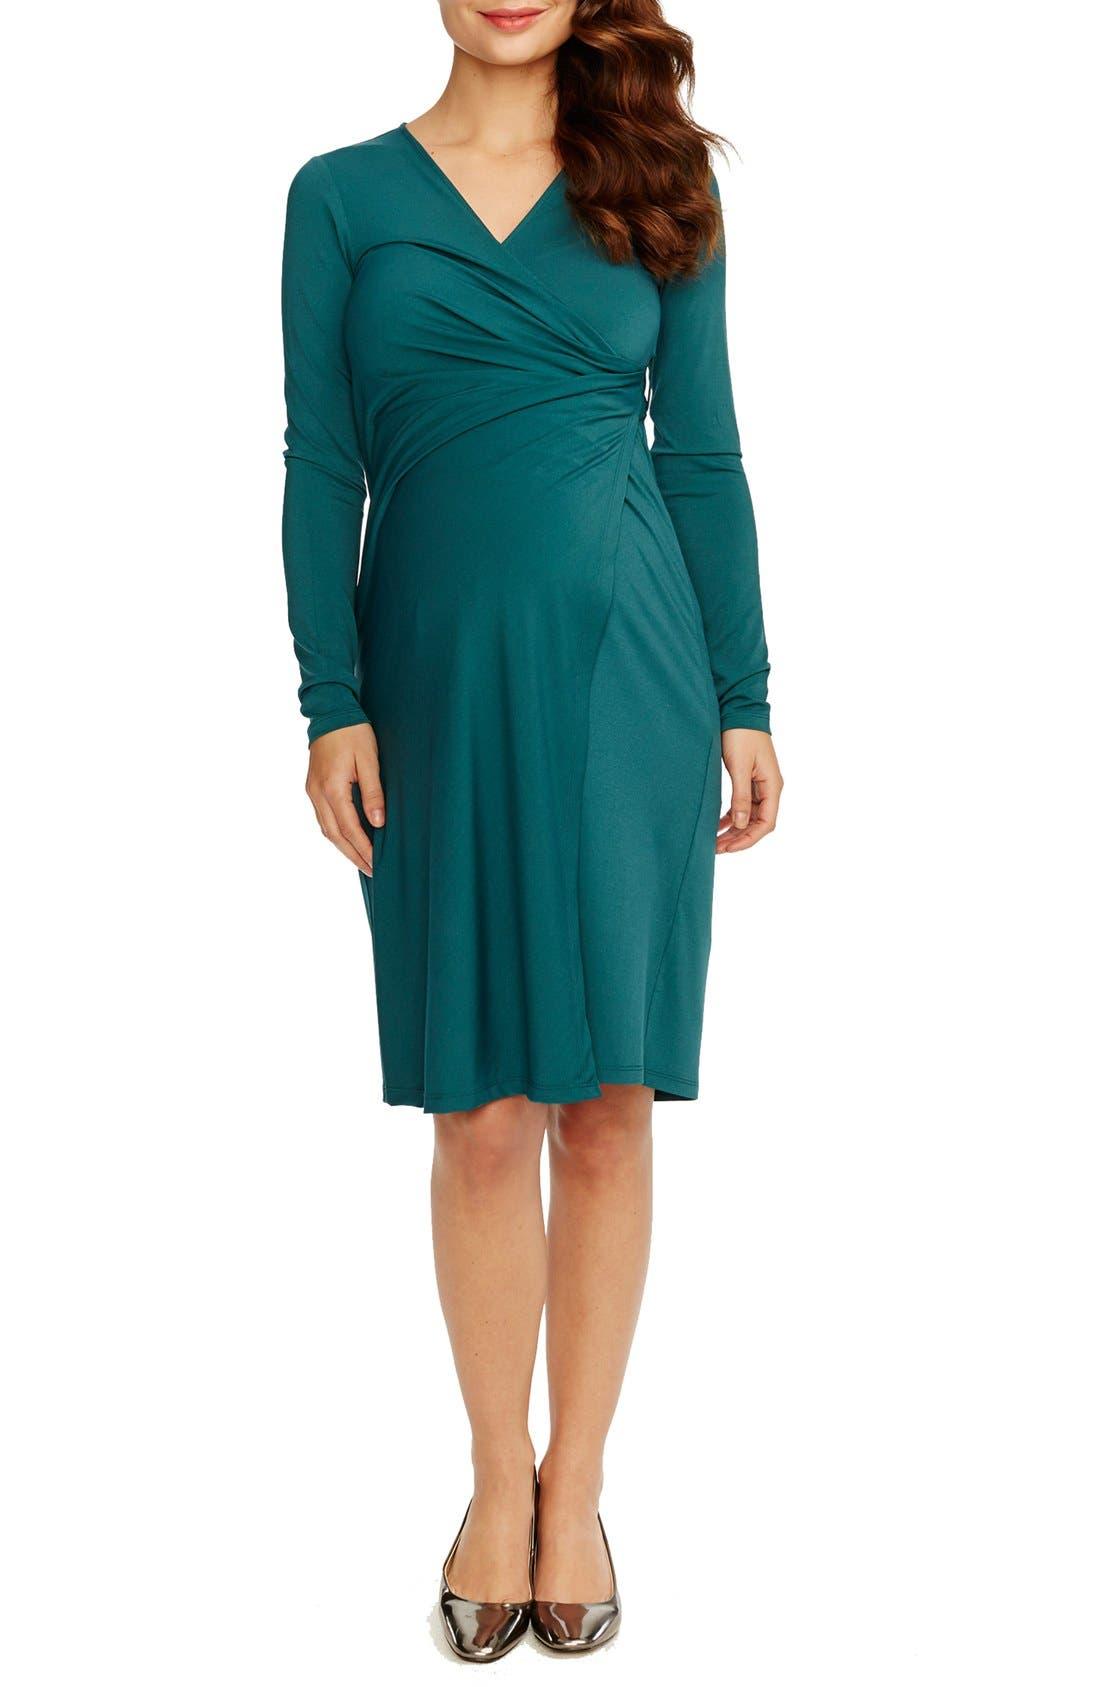 Rosie Pope Wrap Maternity Dress